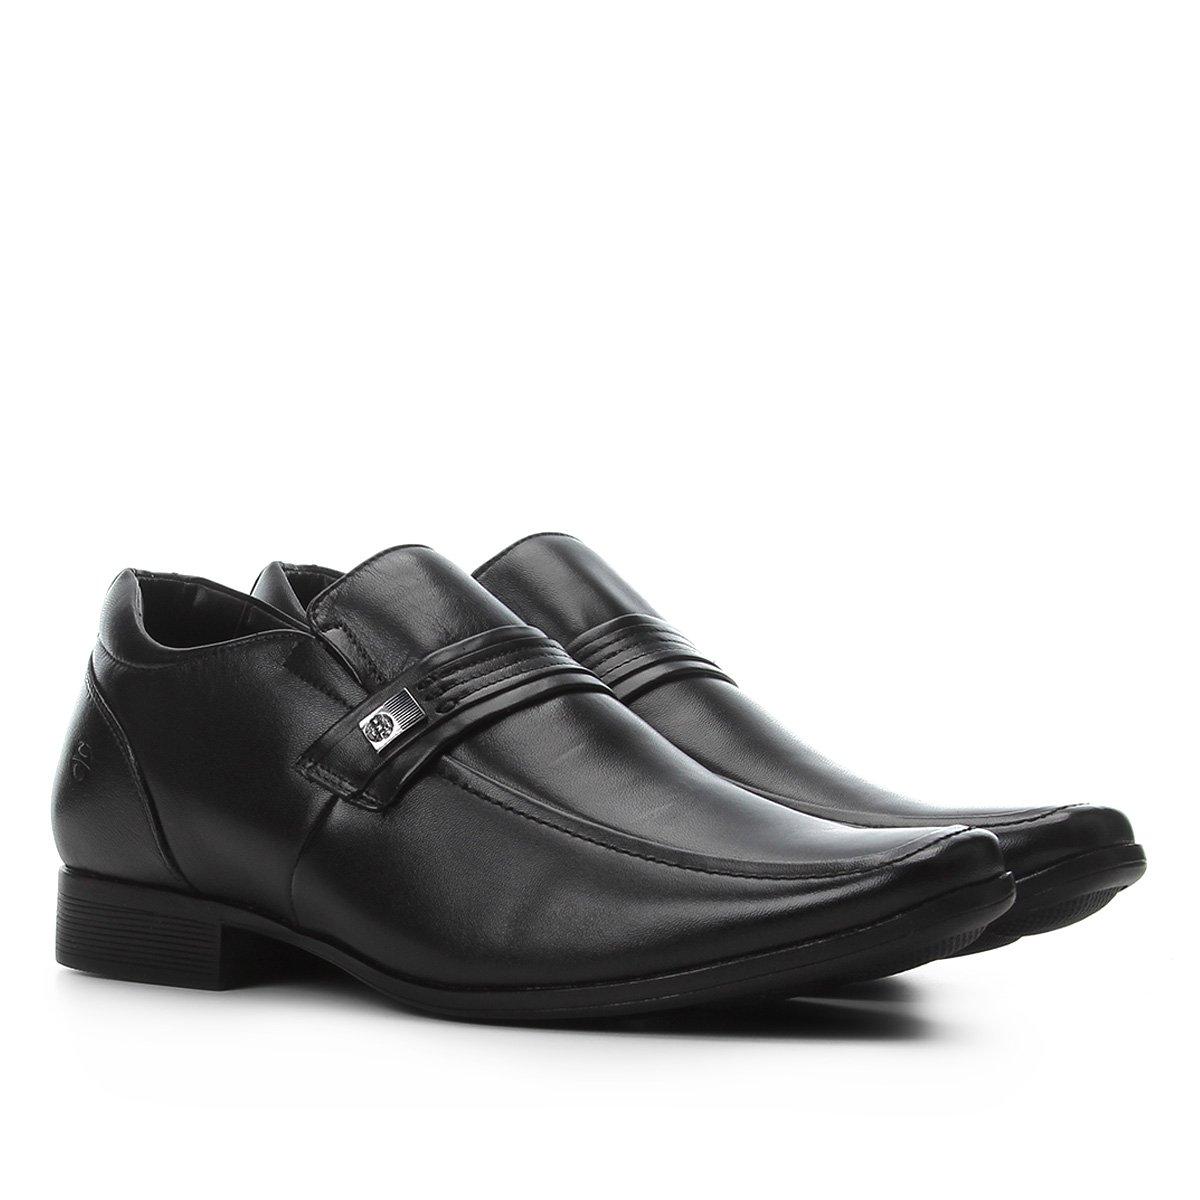 Sapato Social Ferricelli Cordoba Alth